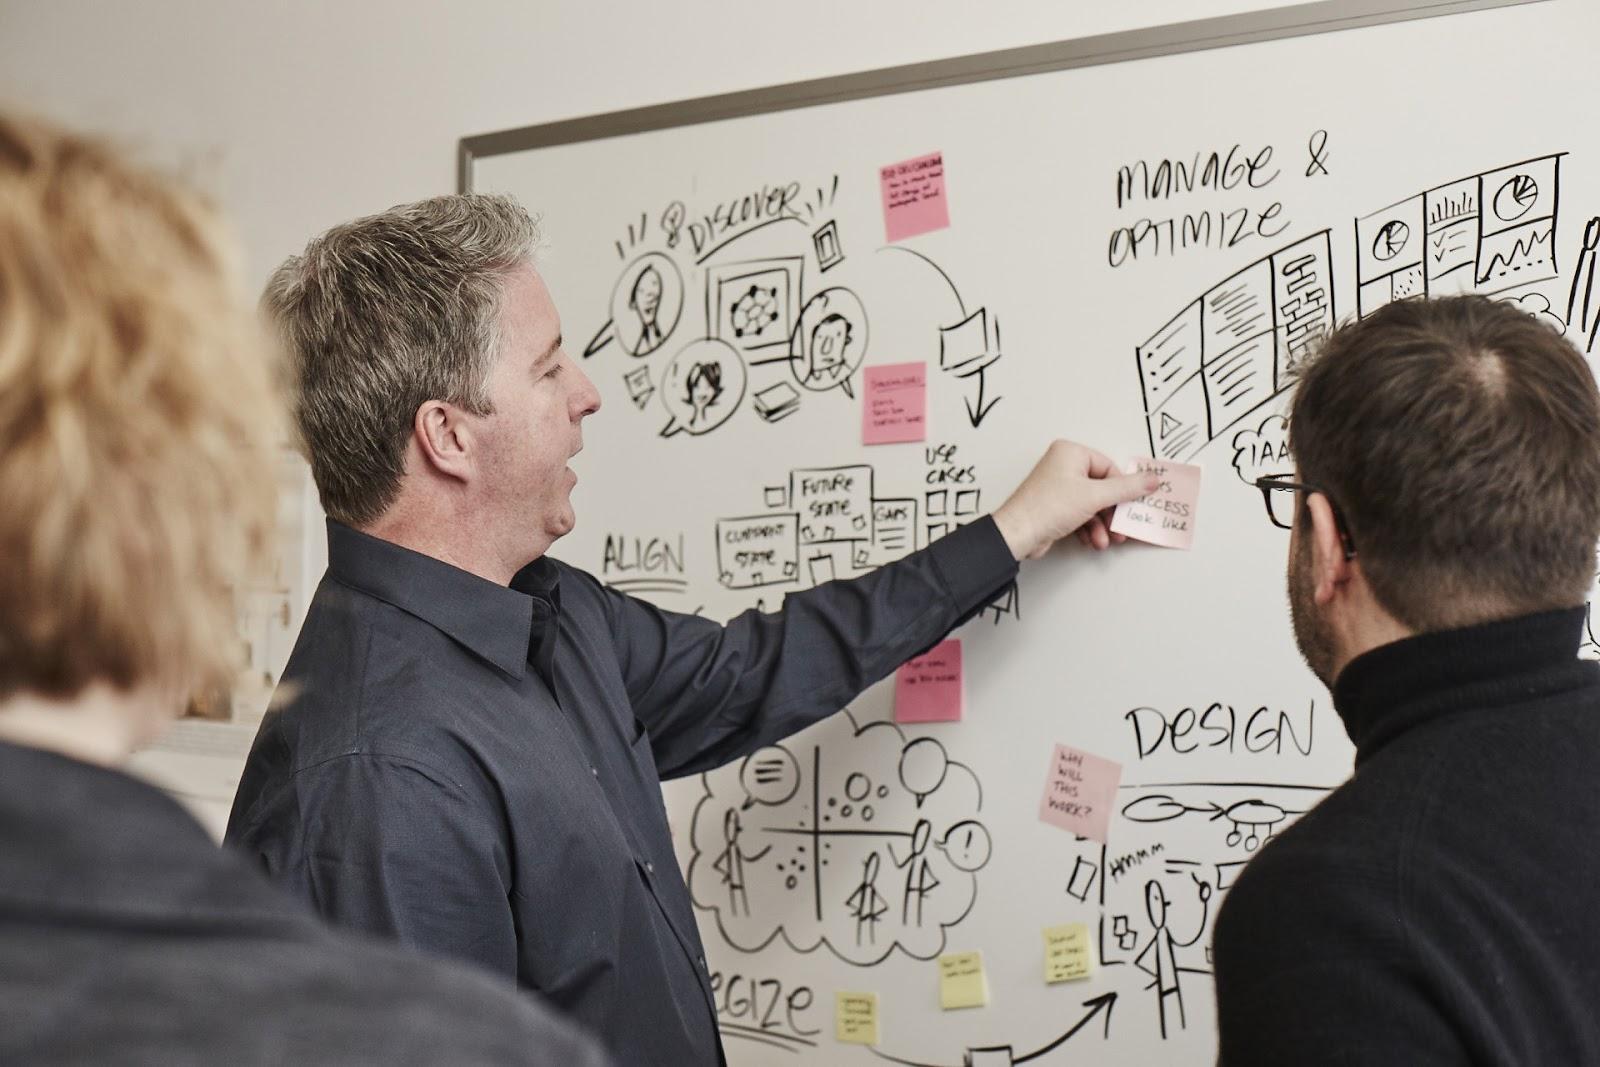 Tremendo - collaborative session